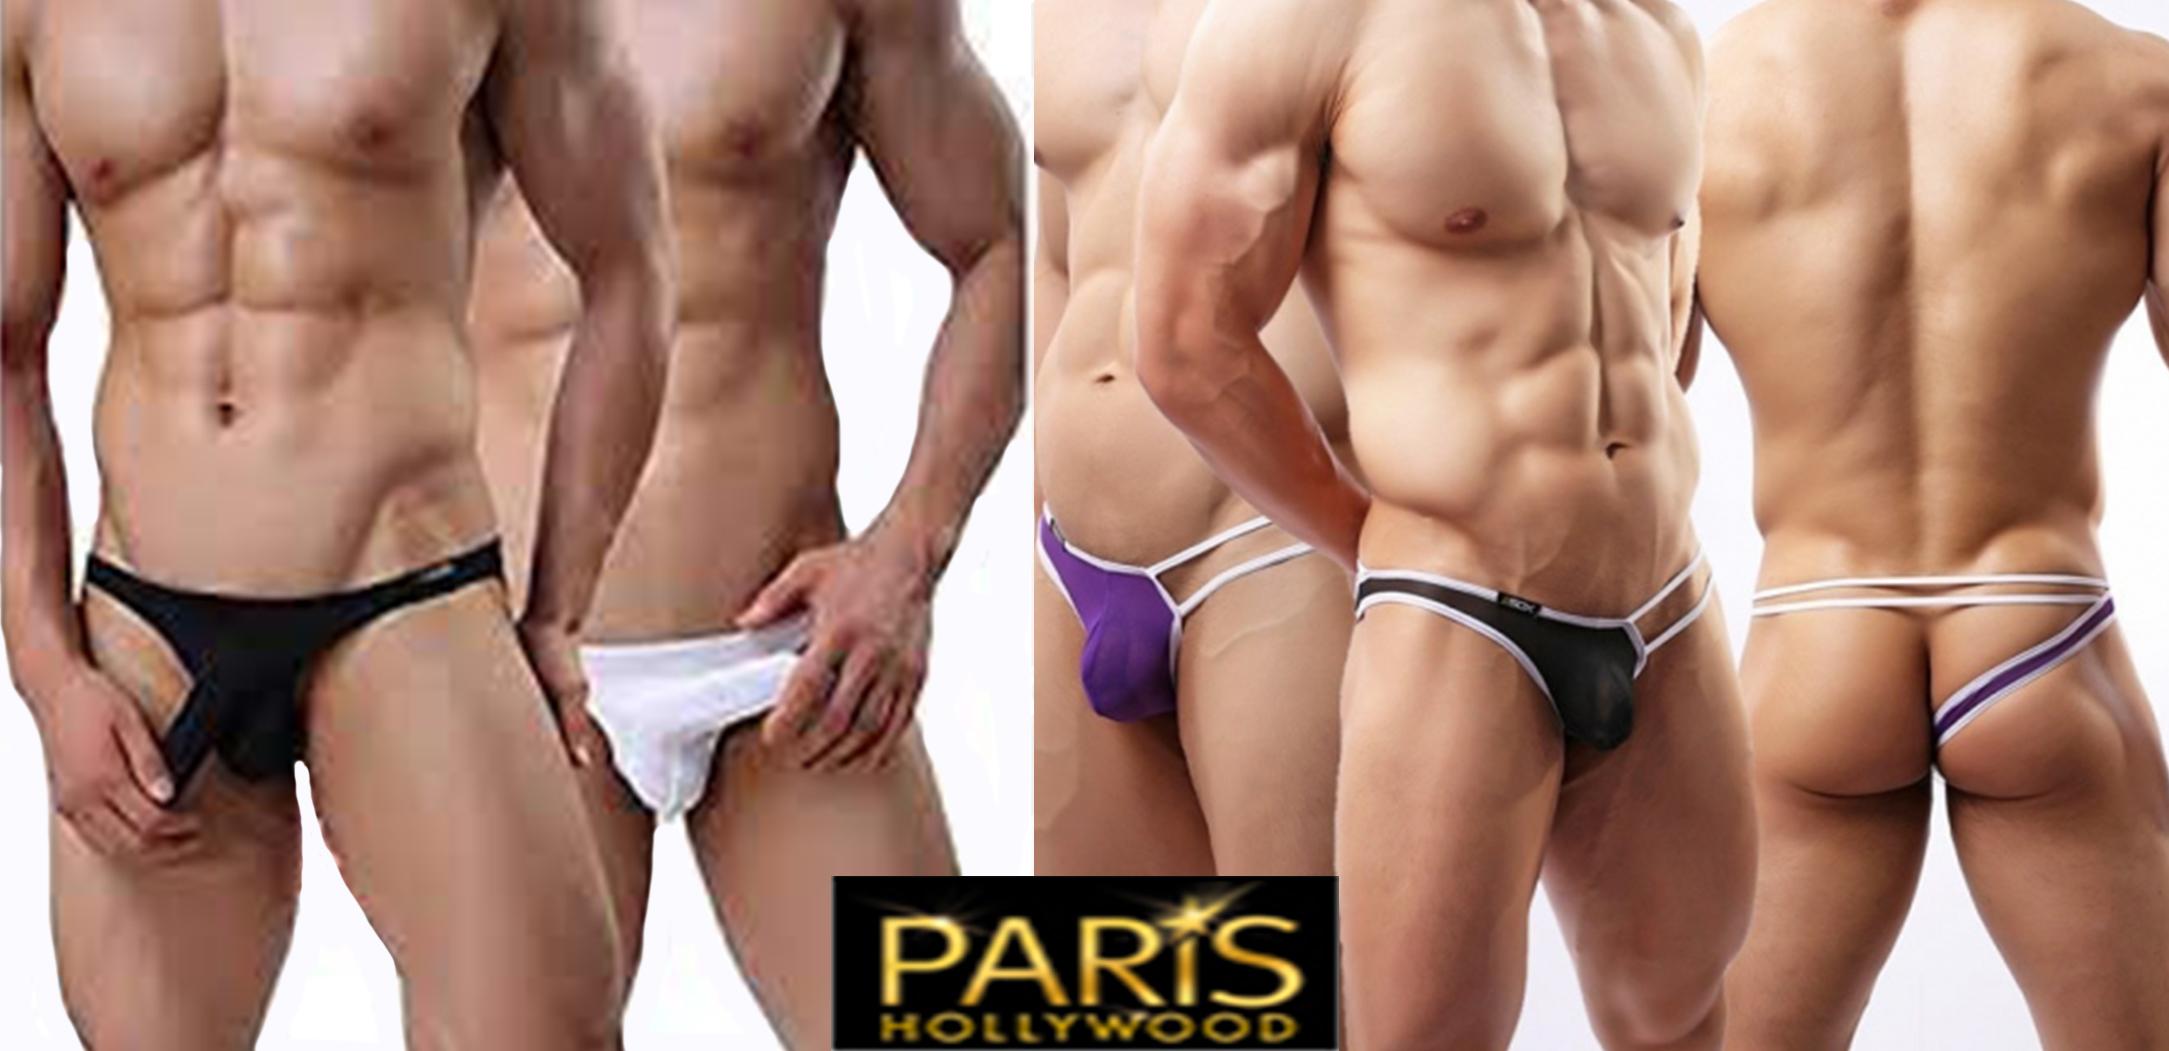 paris-hollywood-underwer.jpg